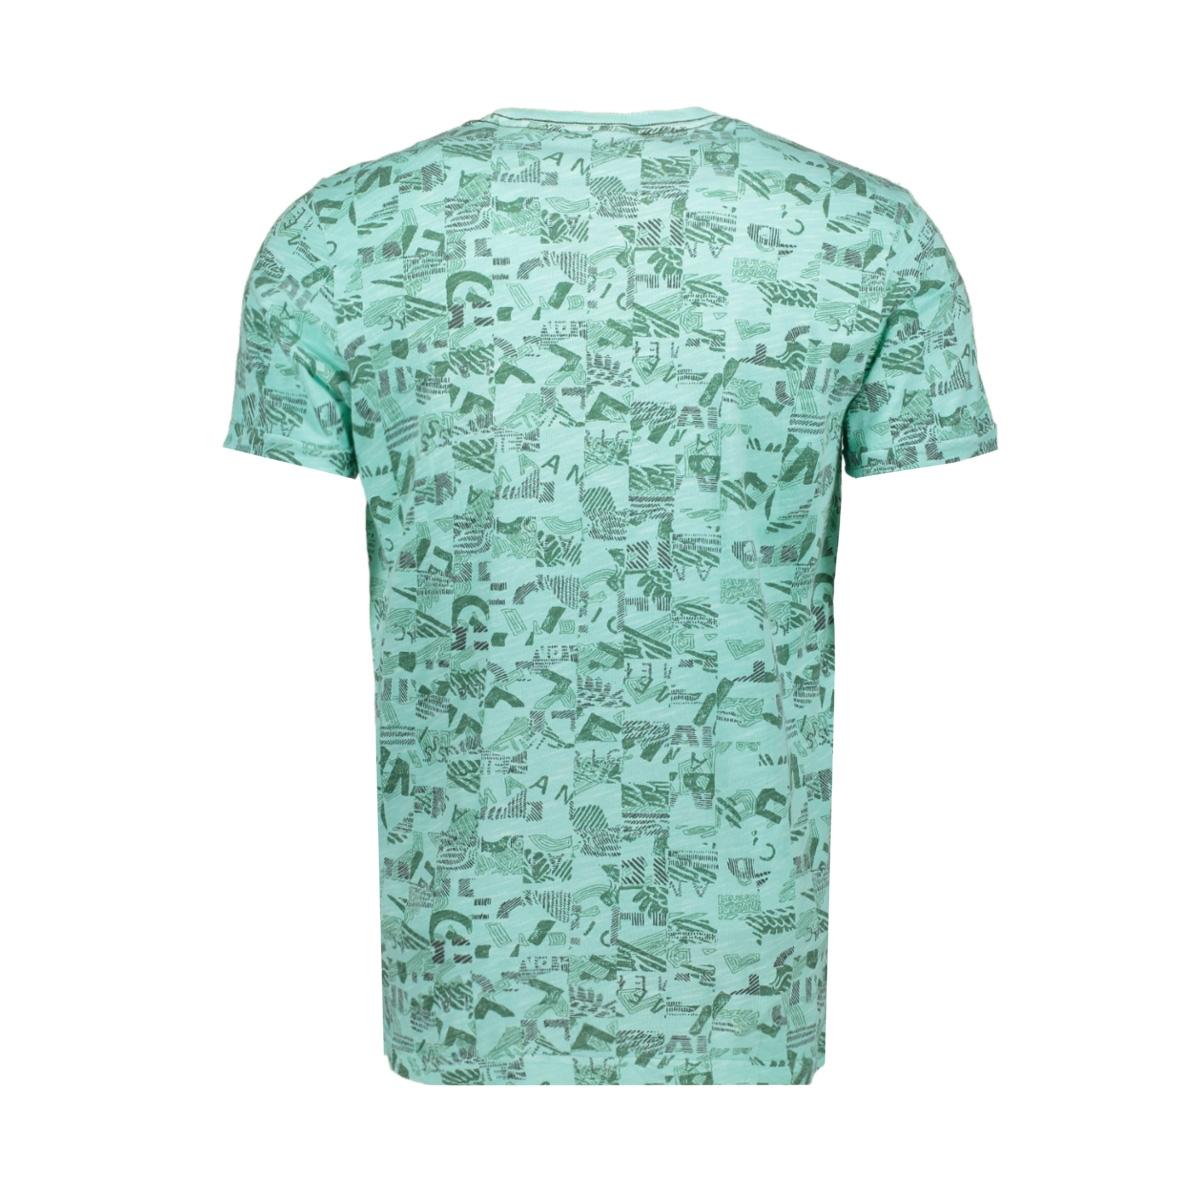 shortsleeve t shirt ptss194537 pme legend t-shirt 6097